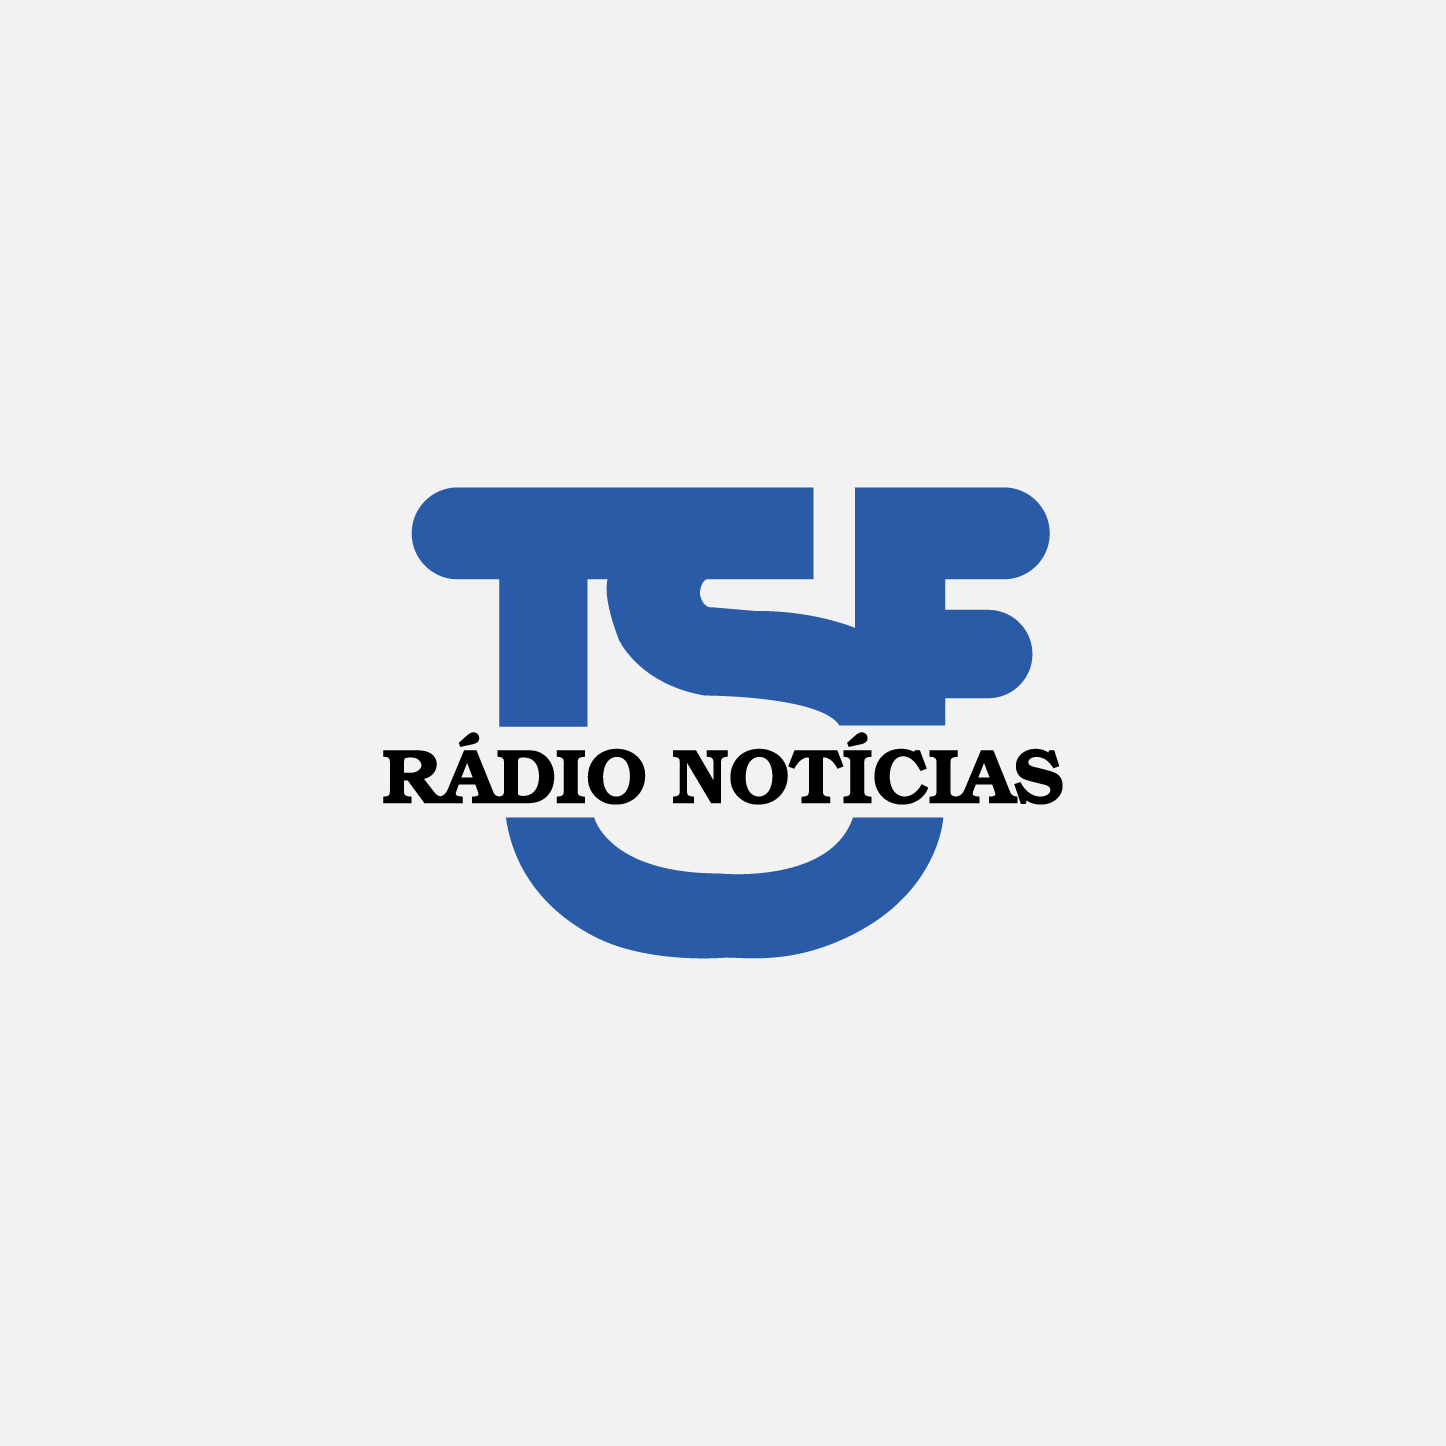 logo_tsf-01